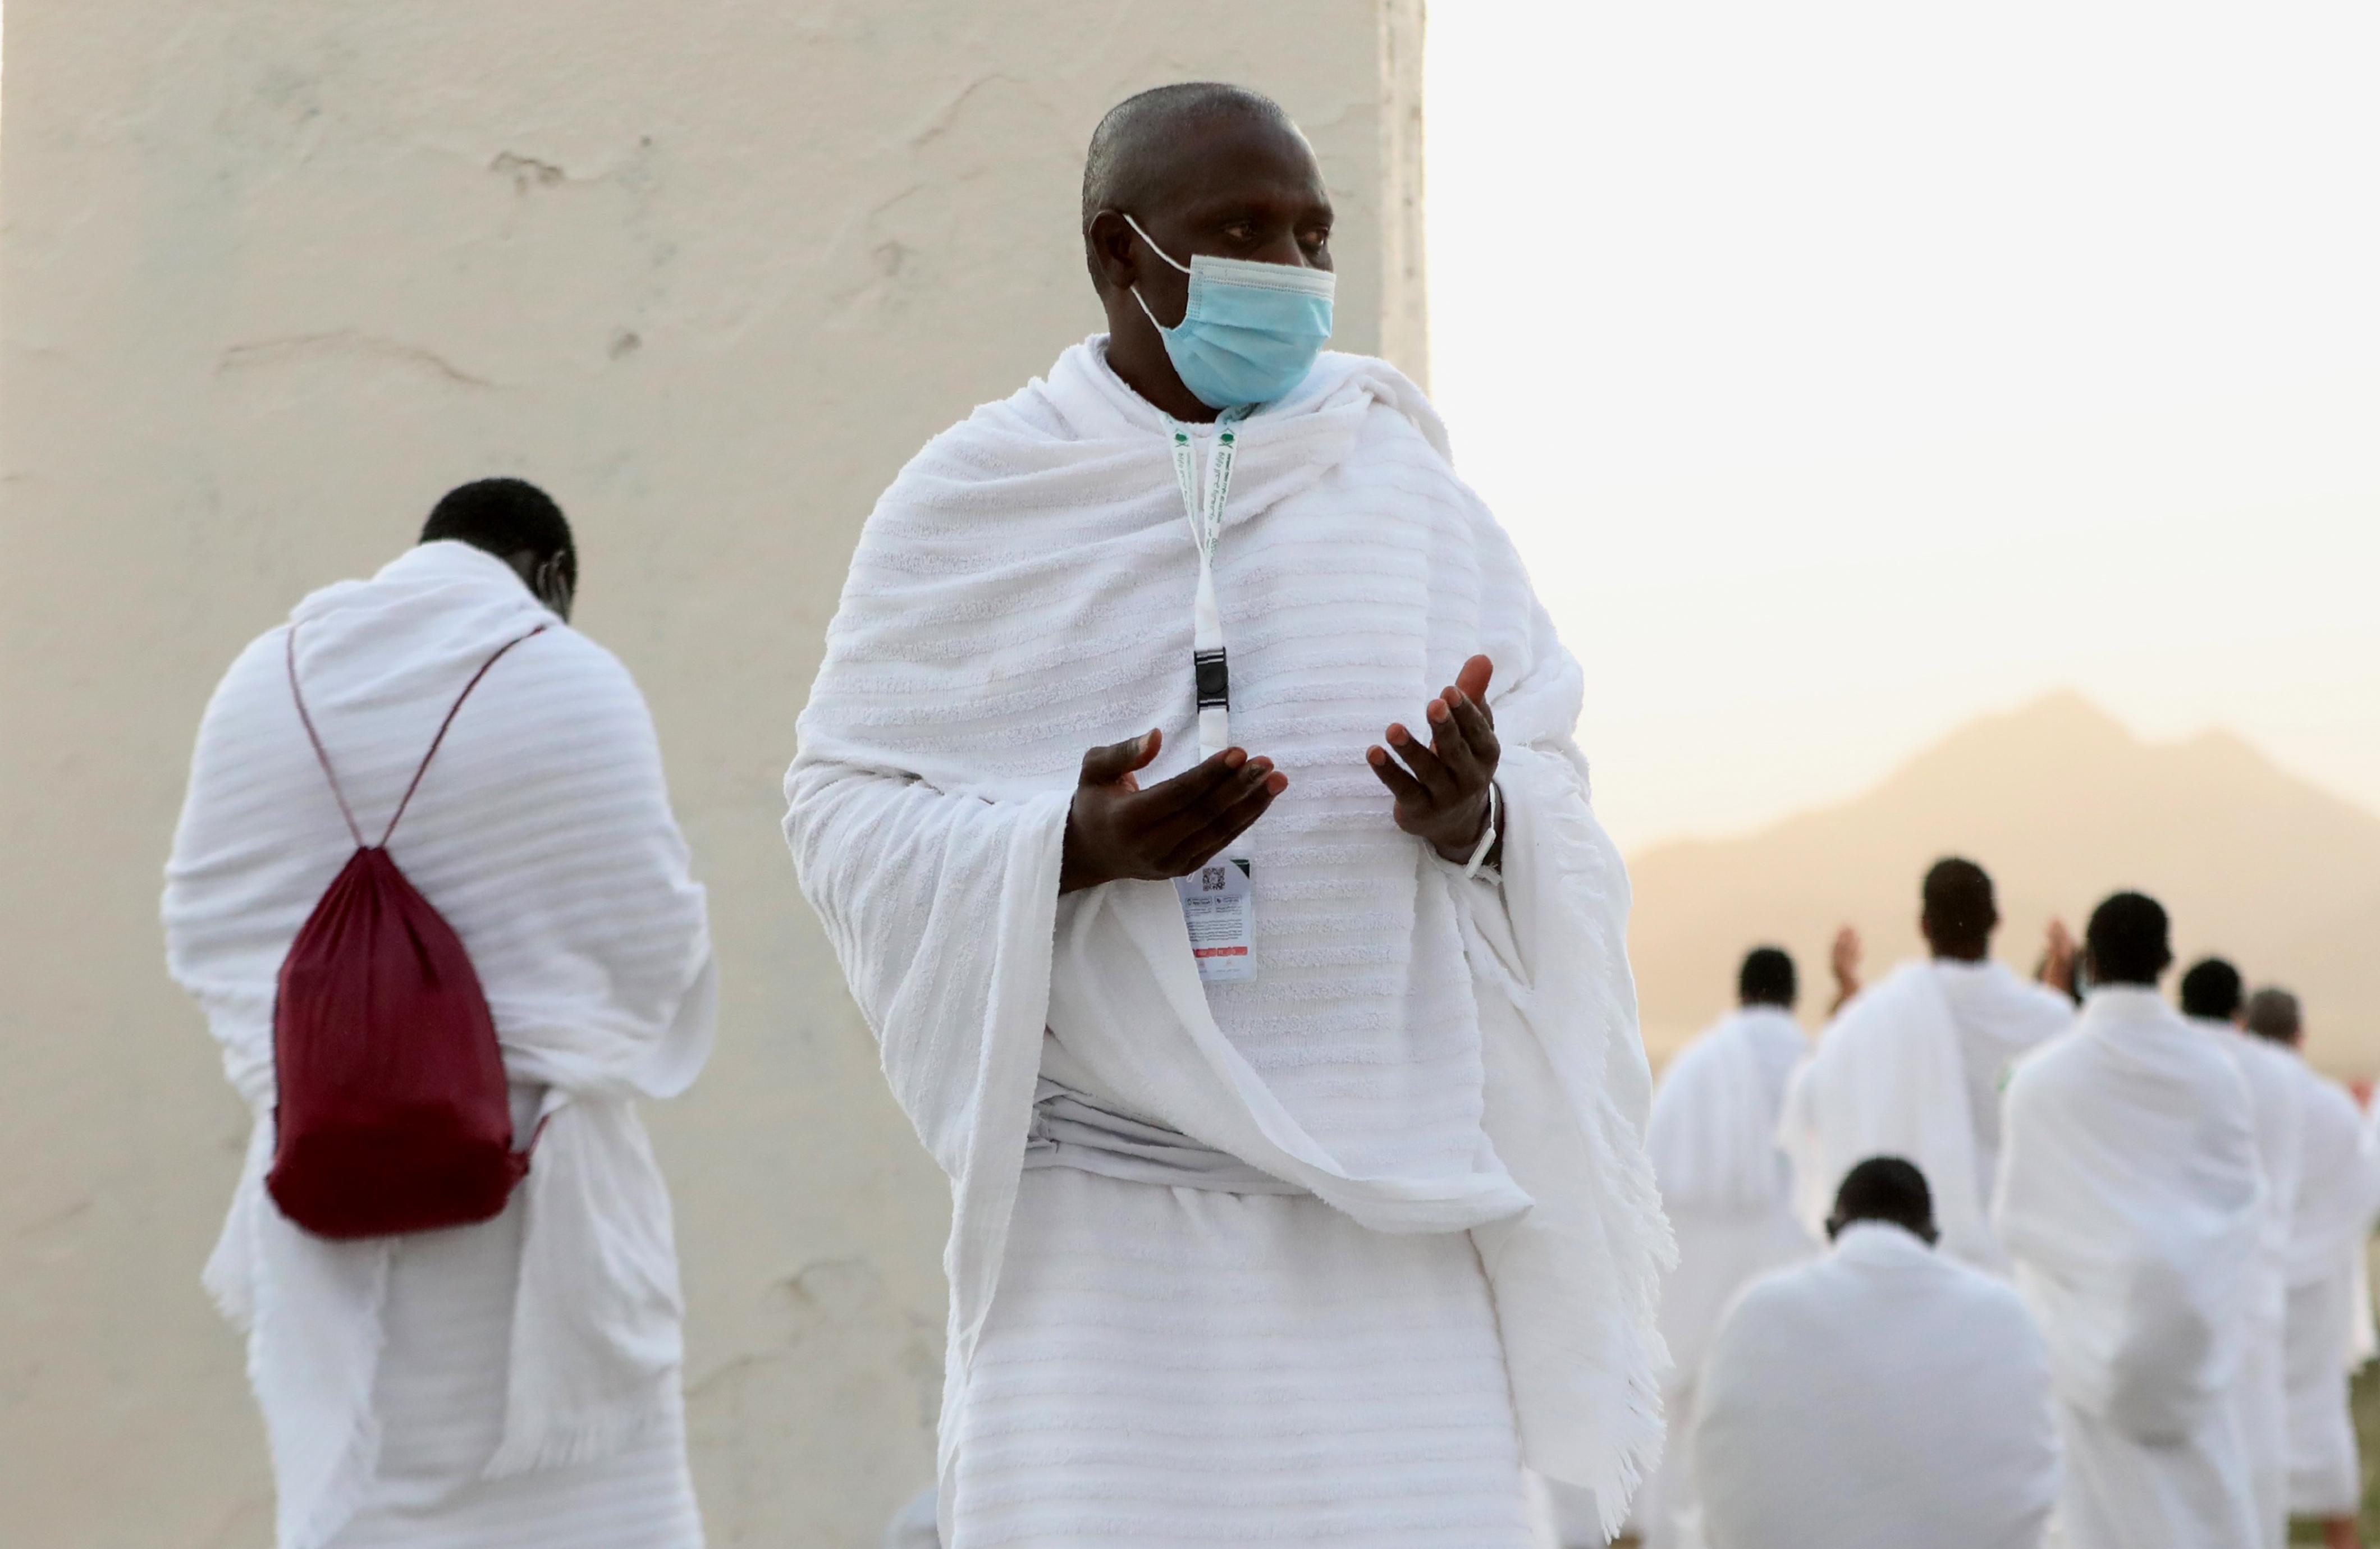 الحجاج توجهوا إلى صعيد عرفات لأداء أهم أركان الحج، عشية عيد الأضحى